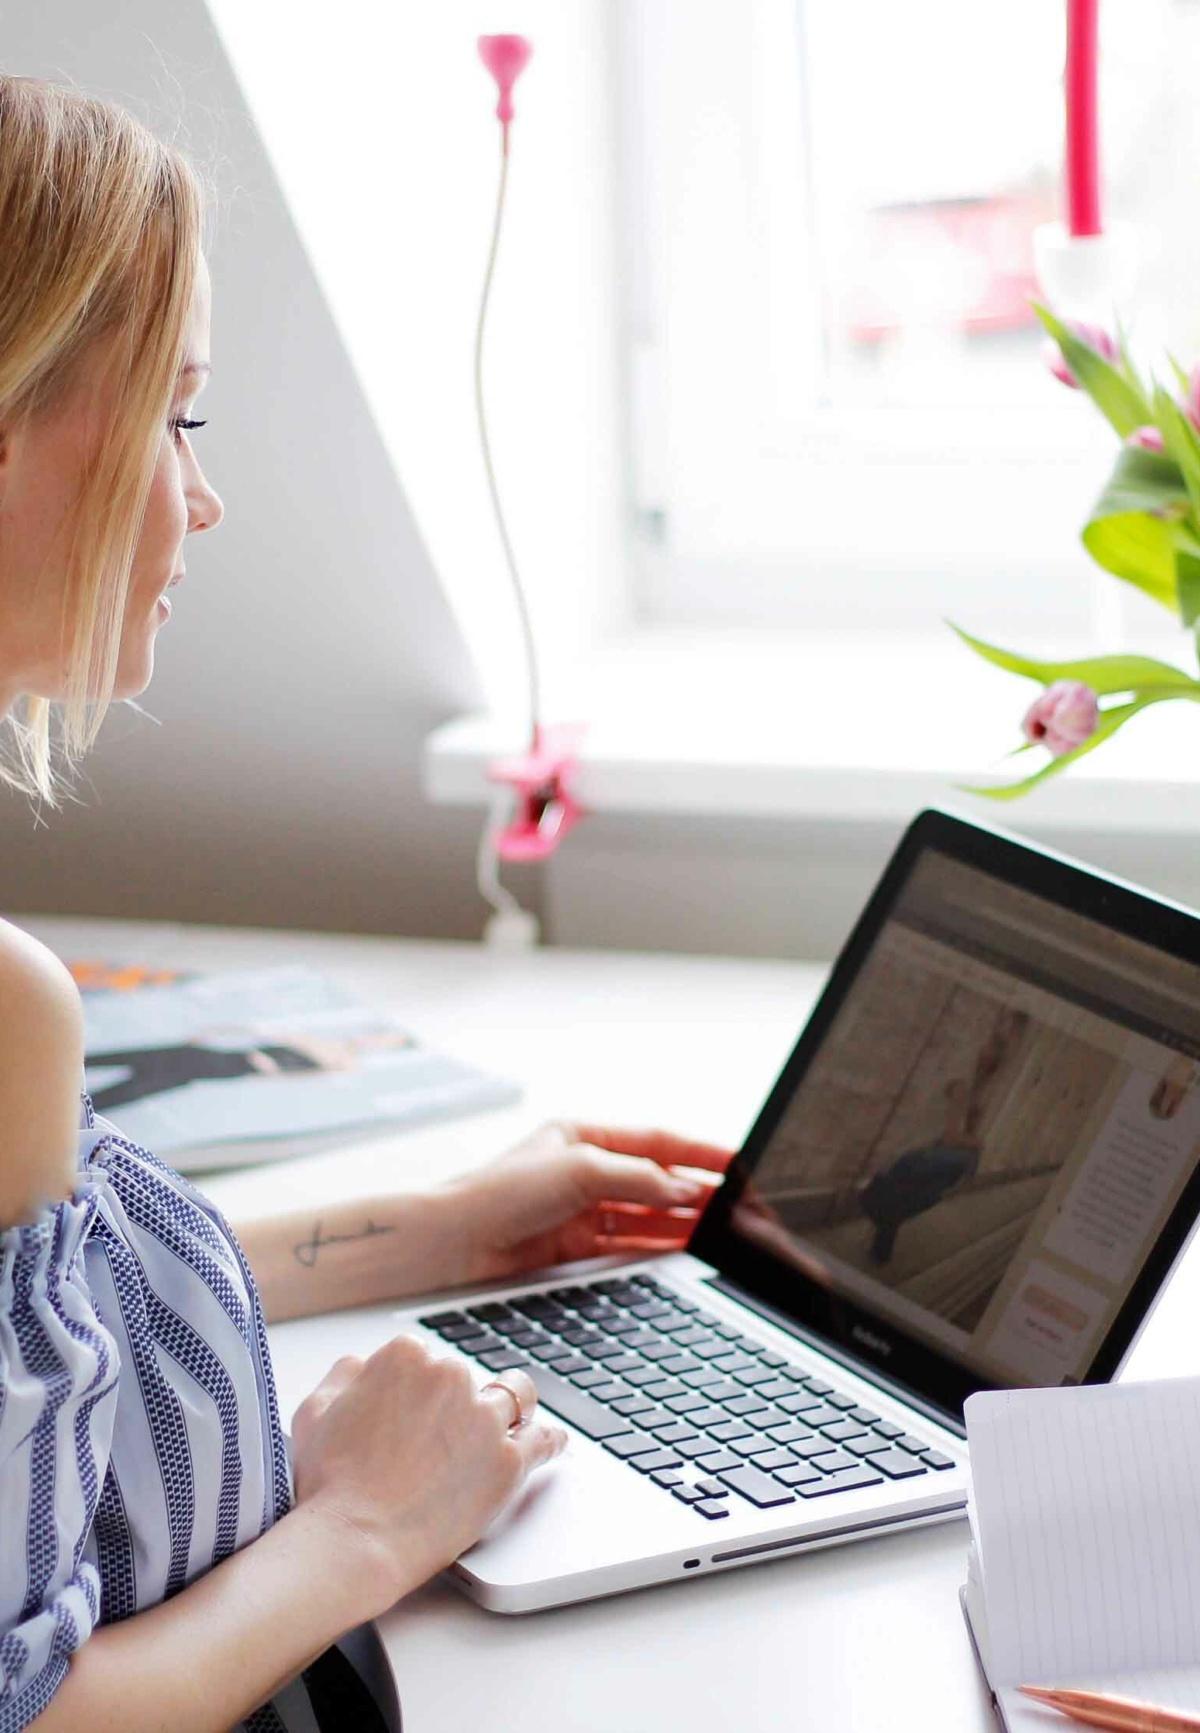 stylingliebe-fashionblog-muenchen-styleblog-munich-blogger-deutschland-fashionblogger-bloggerdeutschland-lifestyleblog-modeblog-germanblogger-working-place-tips-wie-arbeite-ich-effektiver-2